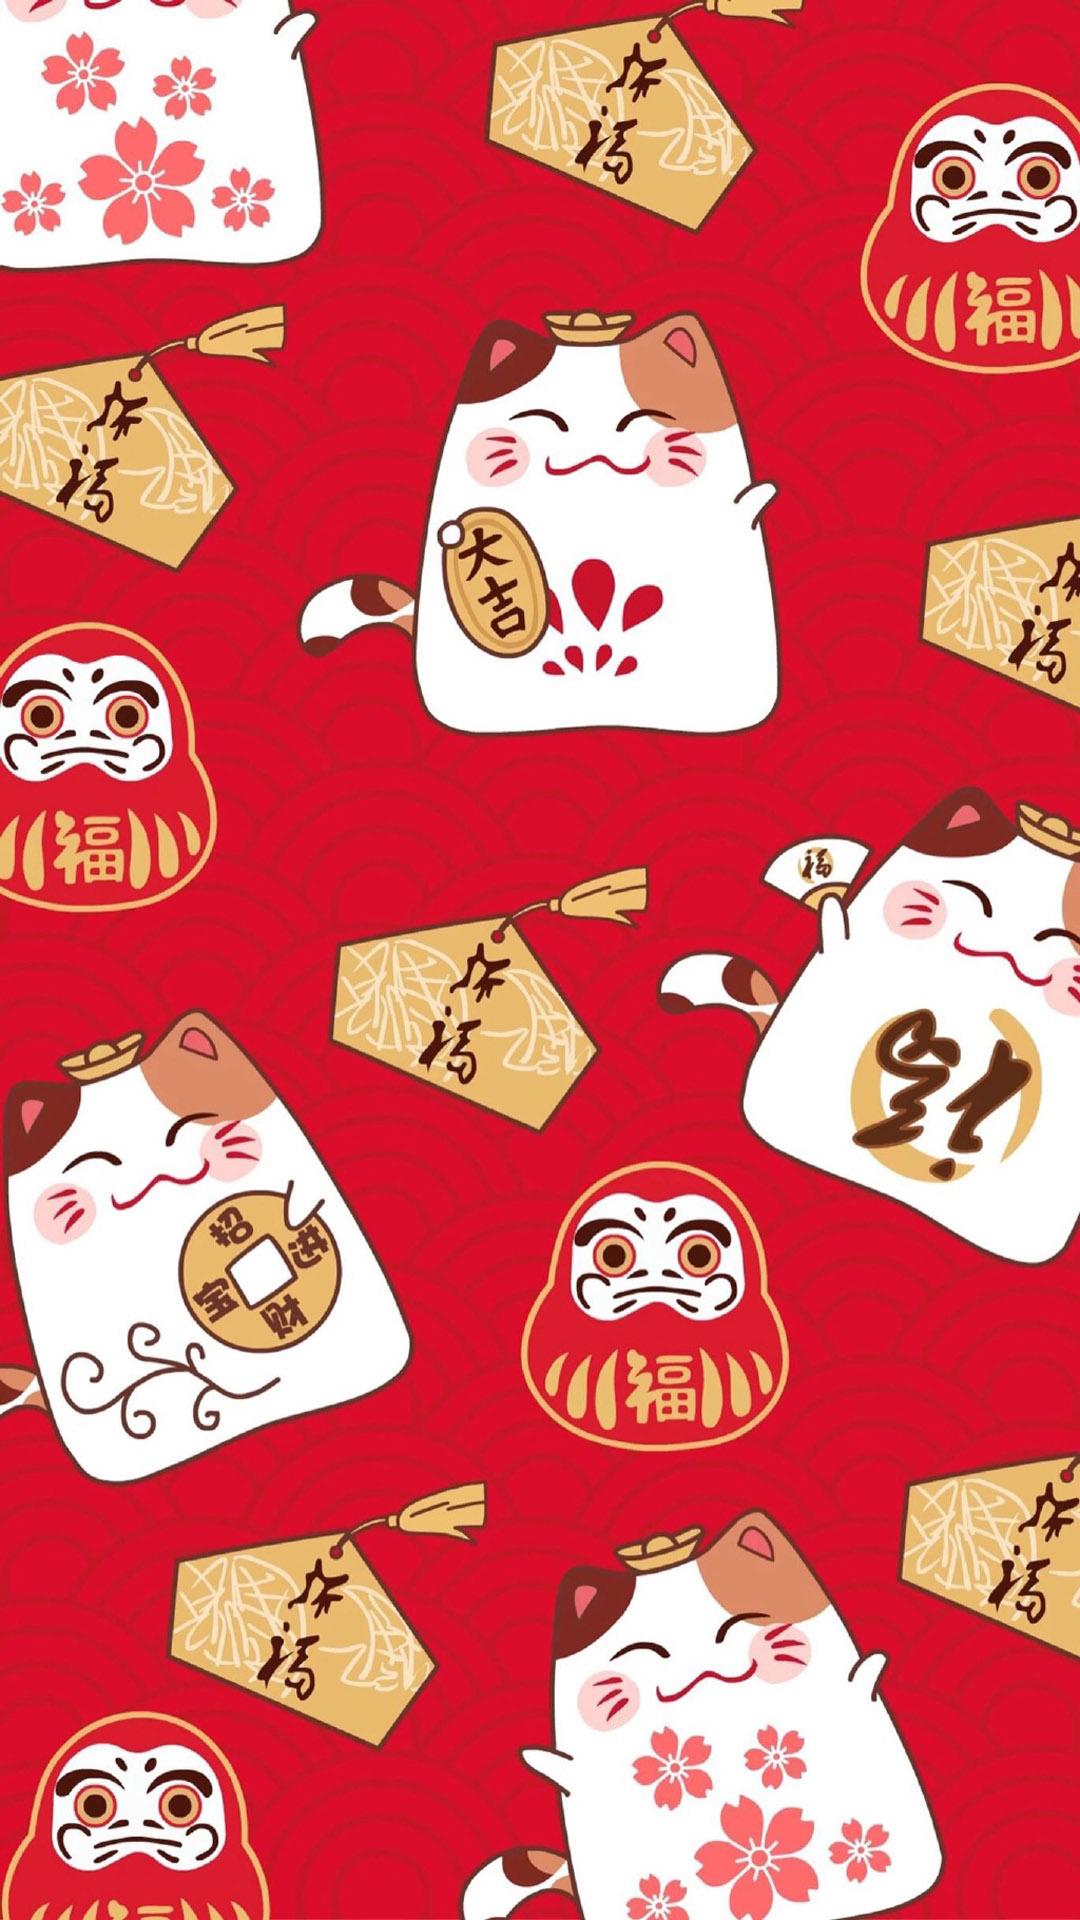 「资源组」超可爱的招财猫【9p】-主题壁纸-flyme社区